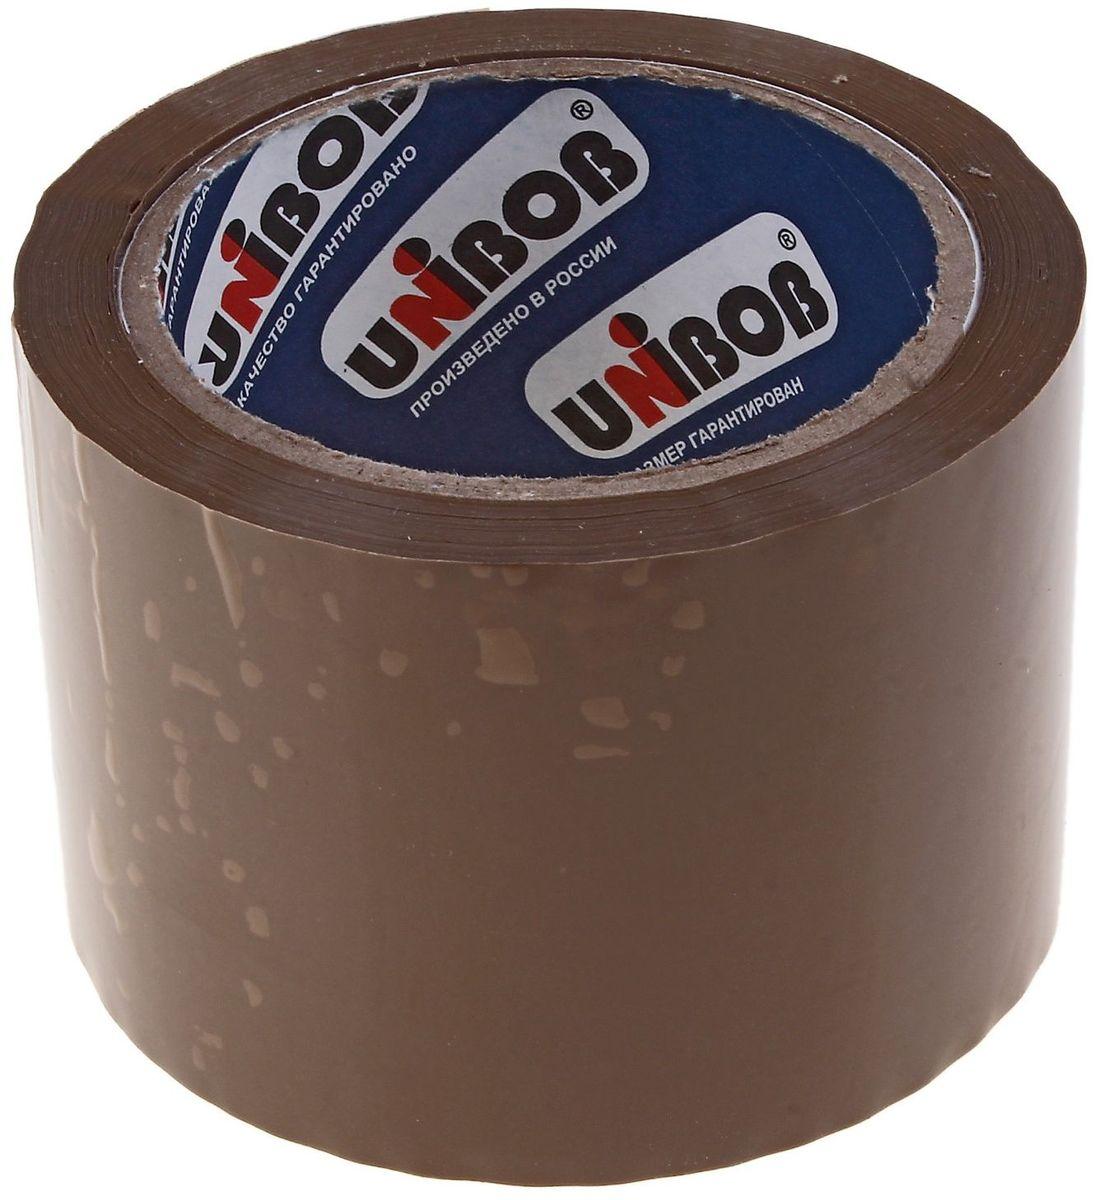 Клейкая лента 72 мм х 66 м цвет коричневыйFS-00103Клейкая лента на полипропиленовой основе это водонепроницаемое изделие, которое способно противостоять широкому диапазону температур. Применяется в быту для упаковки: легких и тяжелых коробок, изготовленных из гофрокартона, строительных смесей, масложировой продукции и мороженого, канцелярских товаров, промышленных товаров. Клейкая лента поможет скрепить предметы в любой ситуации, например, если вы делаете ремонт или меняете место жительства и пакуете коробки.